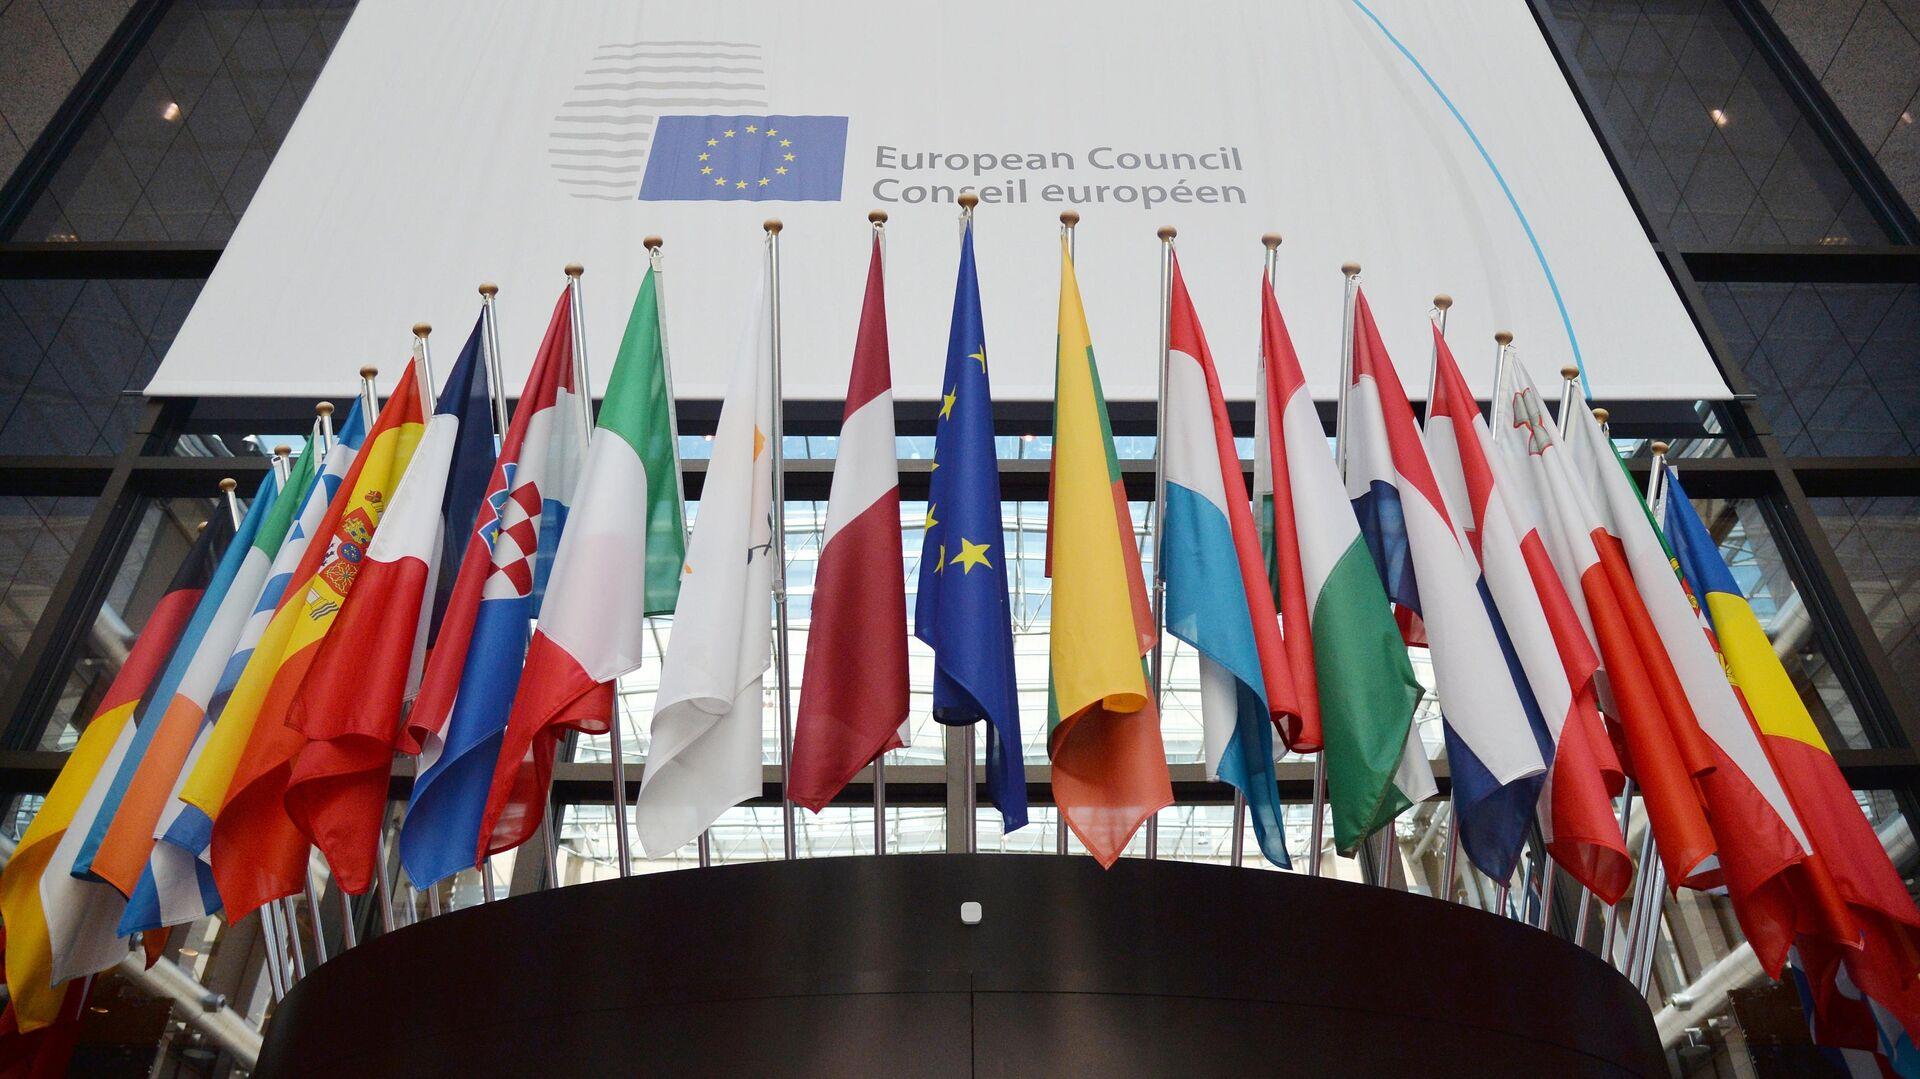 Флаги государств членов ЕС в здании Европейского Совета в Брюсселе - РИА Новости, 1920, 30.07.2021